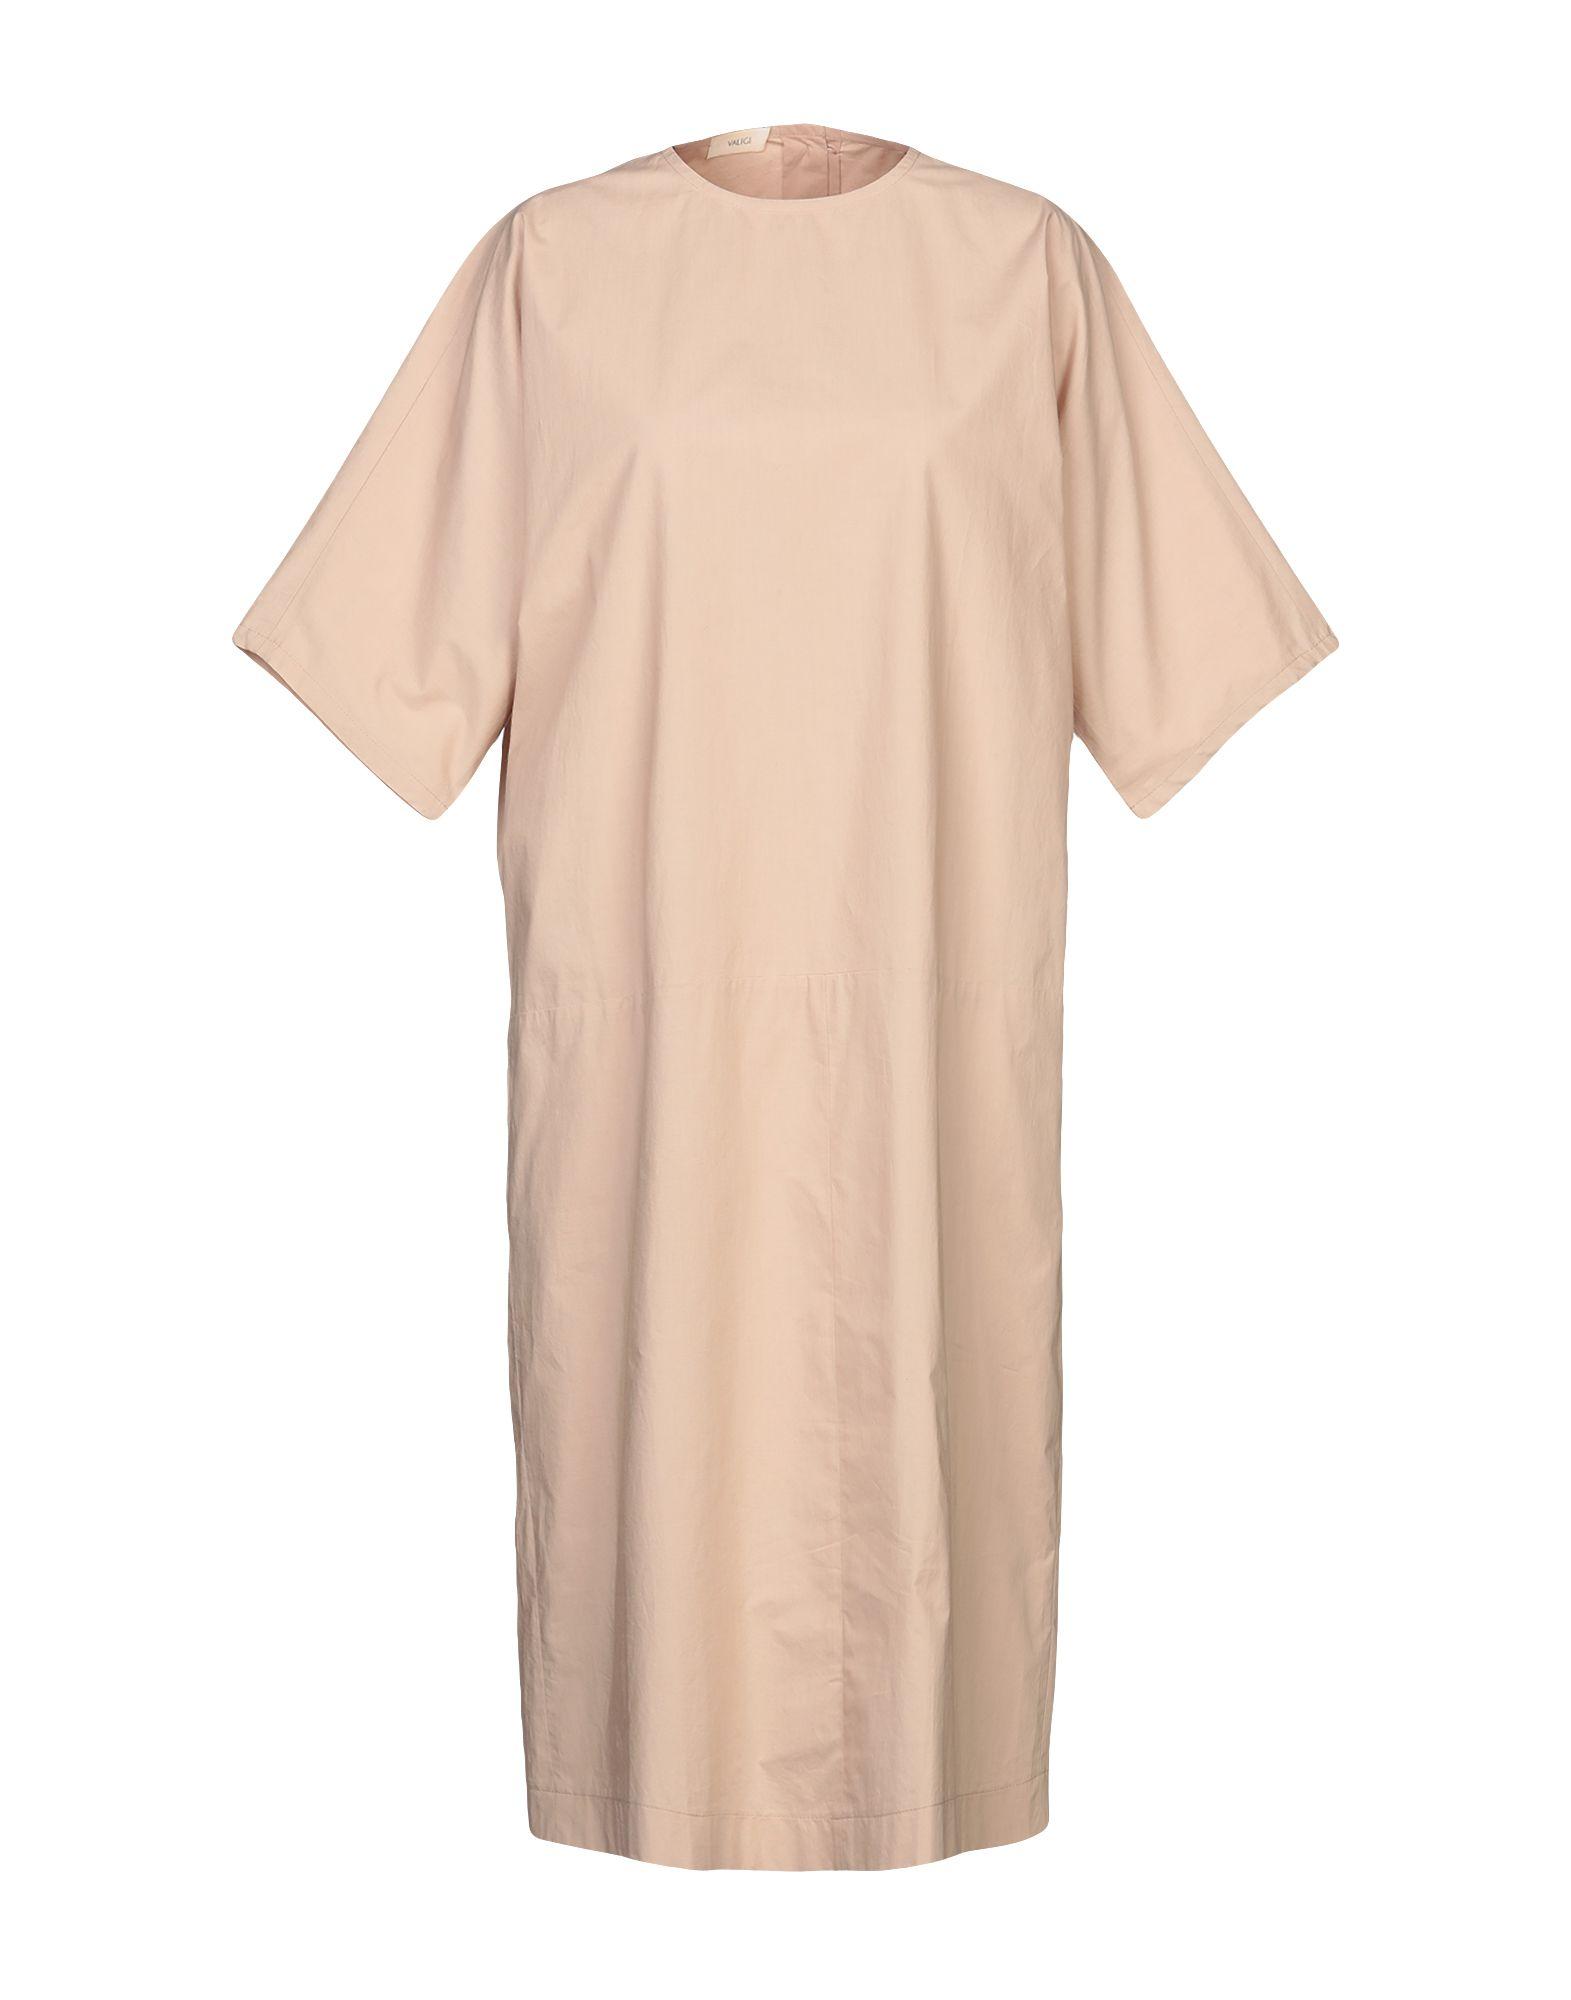 цены на VALIGI Платье до колена  в интернет-магазинах